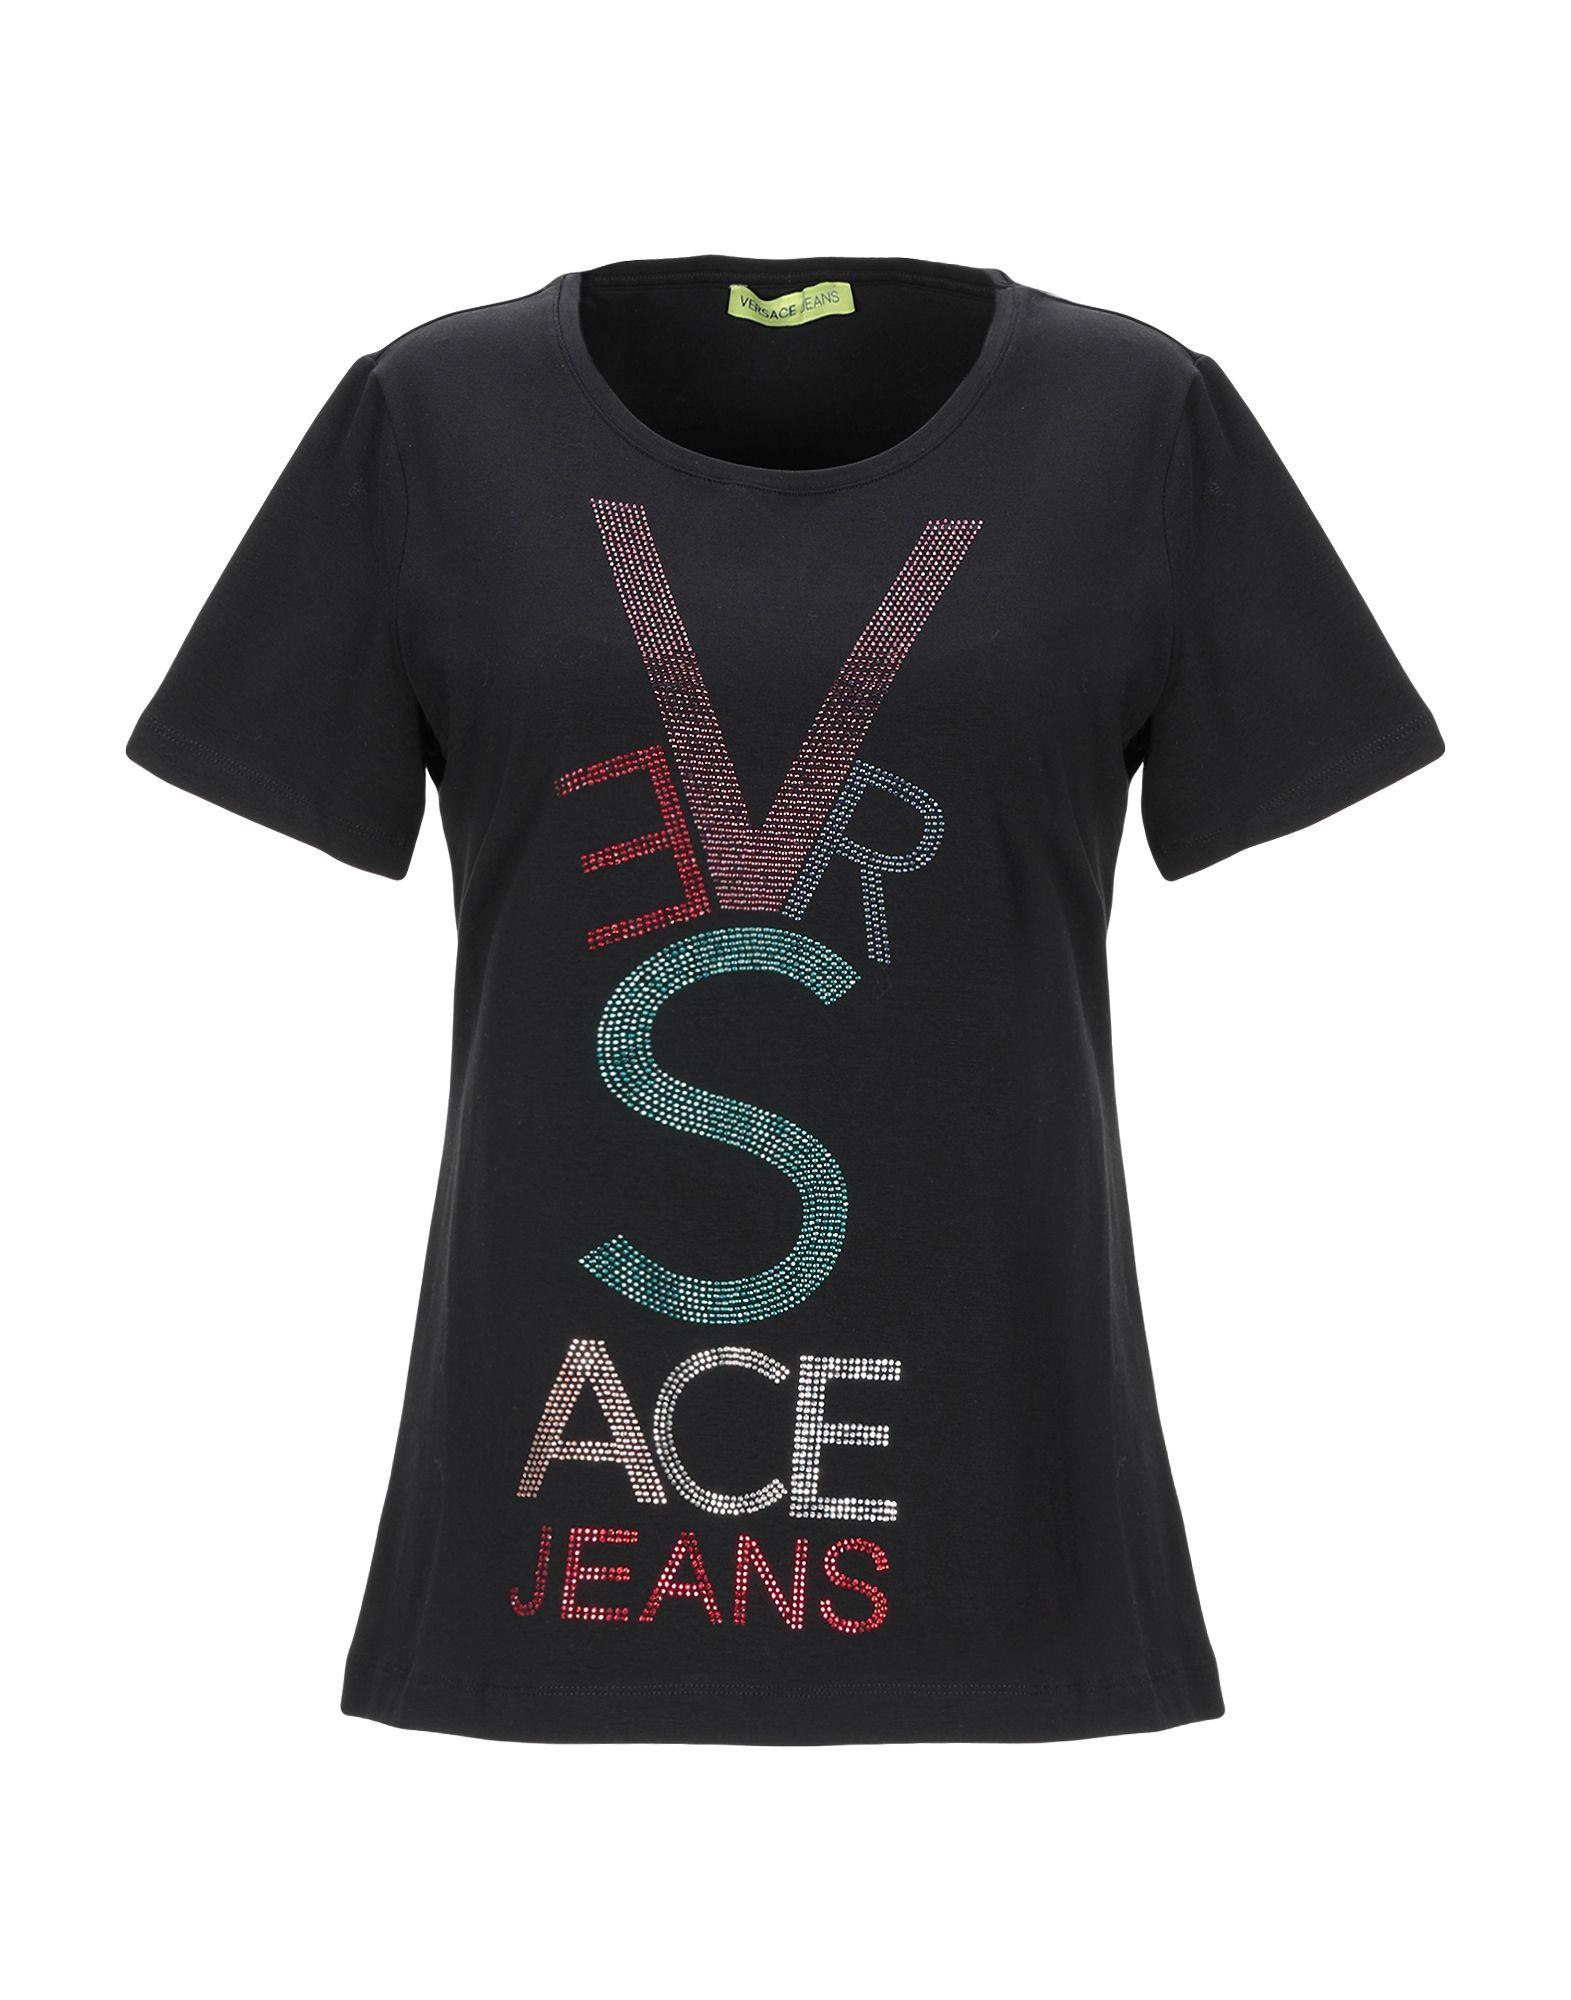 T-Shirt Versace Jeans damen - 12199013GN